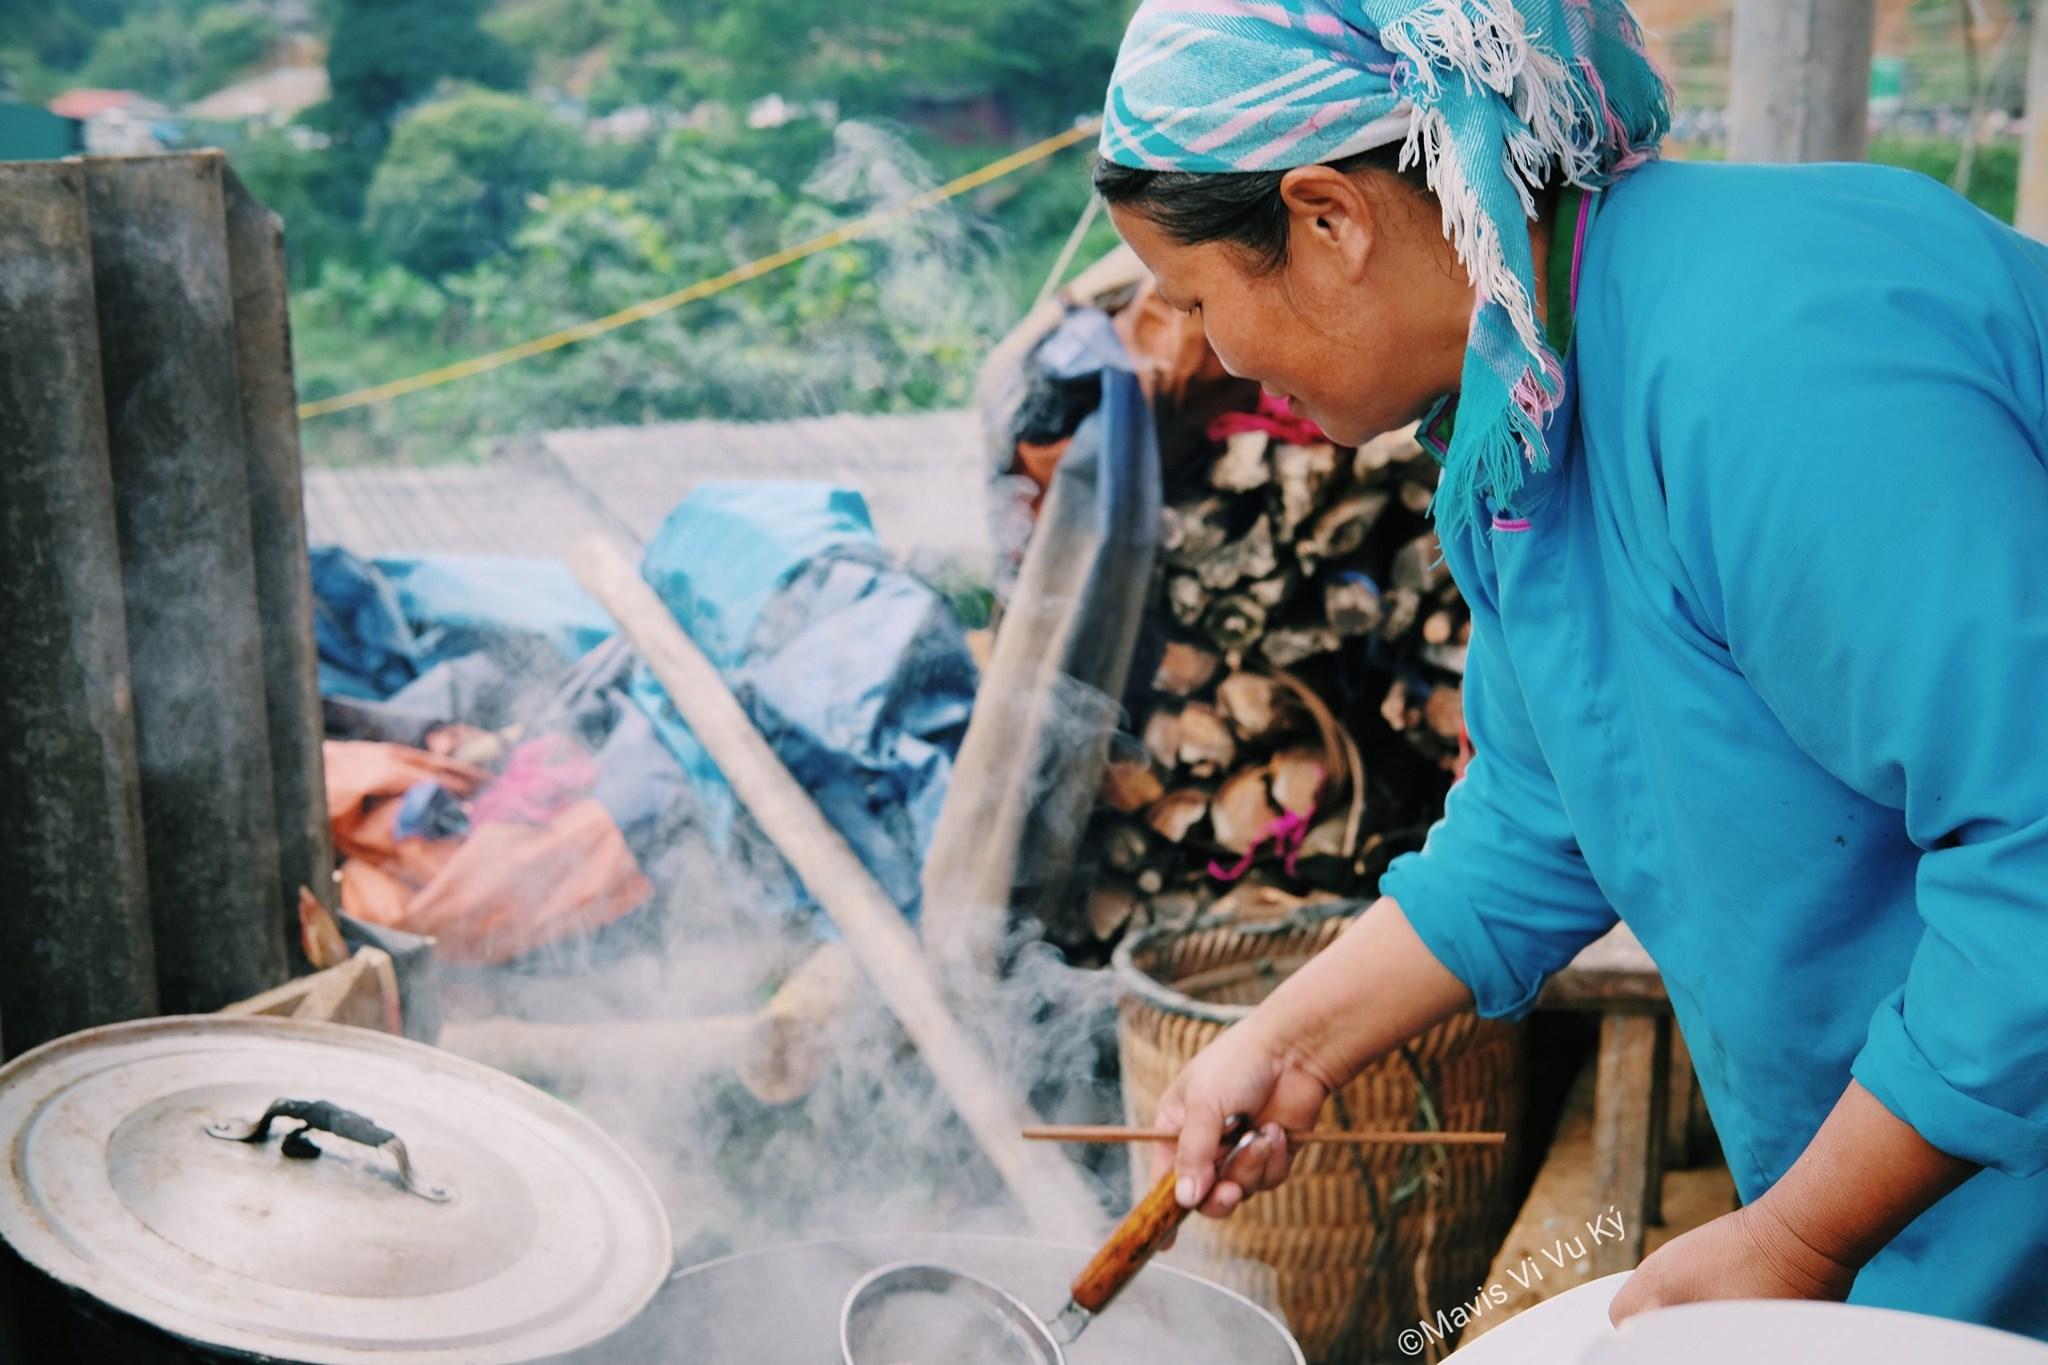 Cô này đang làm món phở Bắc Hà trứ danh cho Mavis ăn nè